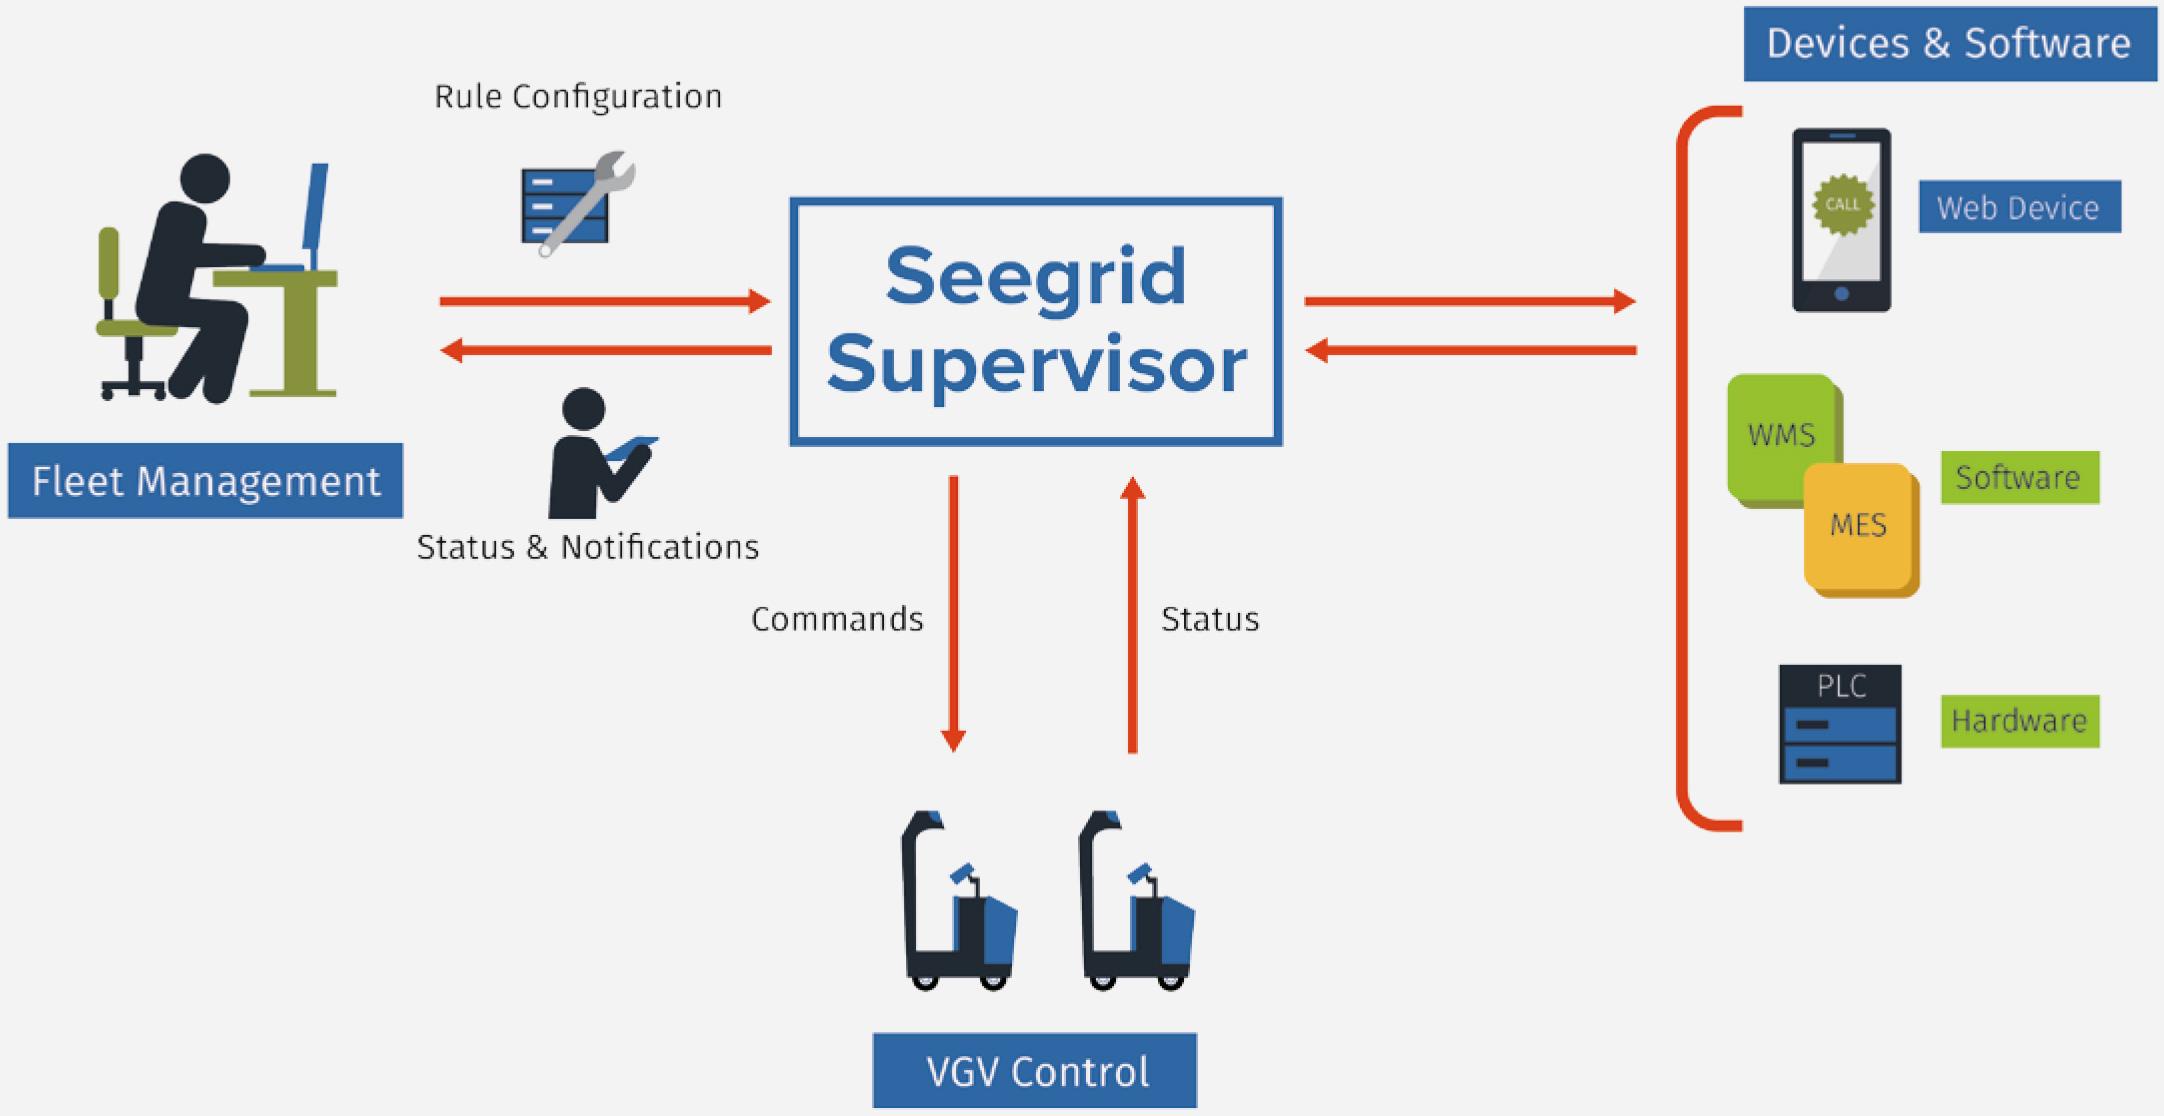 Seegrid Supervisor